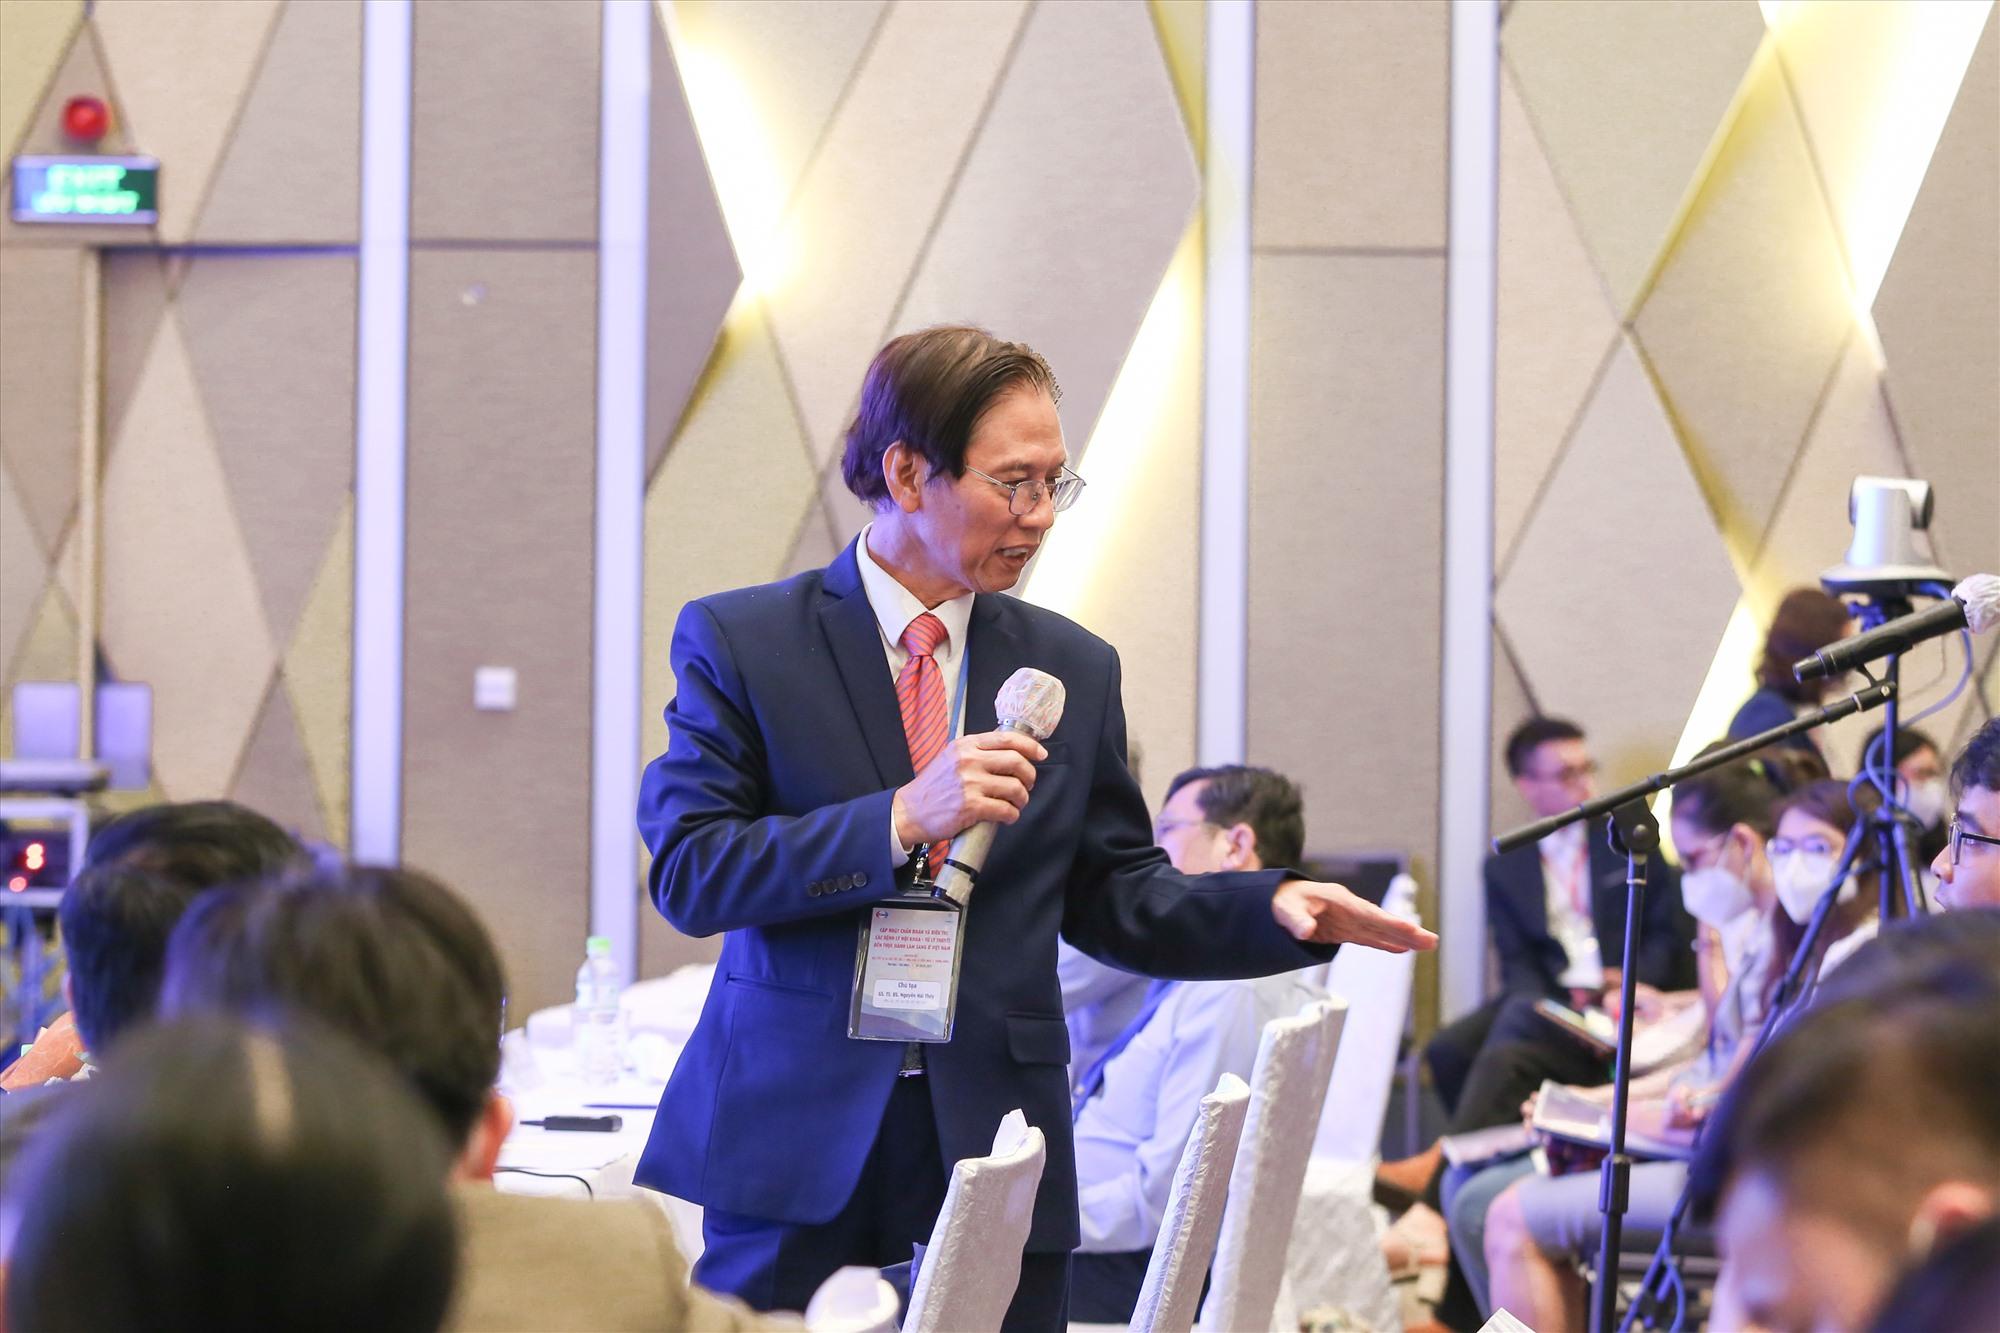 Nhiều thông tin quý giá được các chuyên gia chia sẻ tại Hội nghị